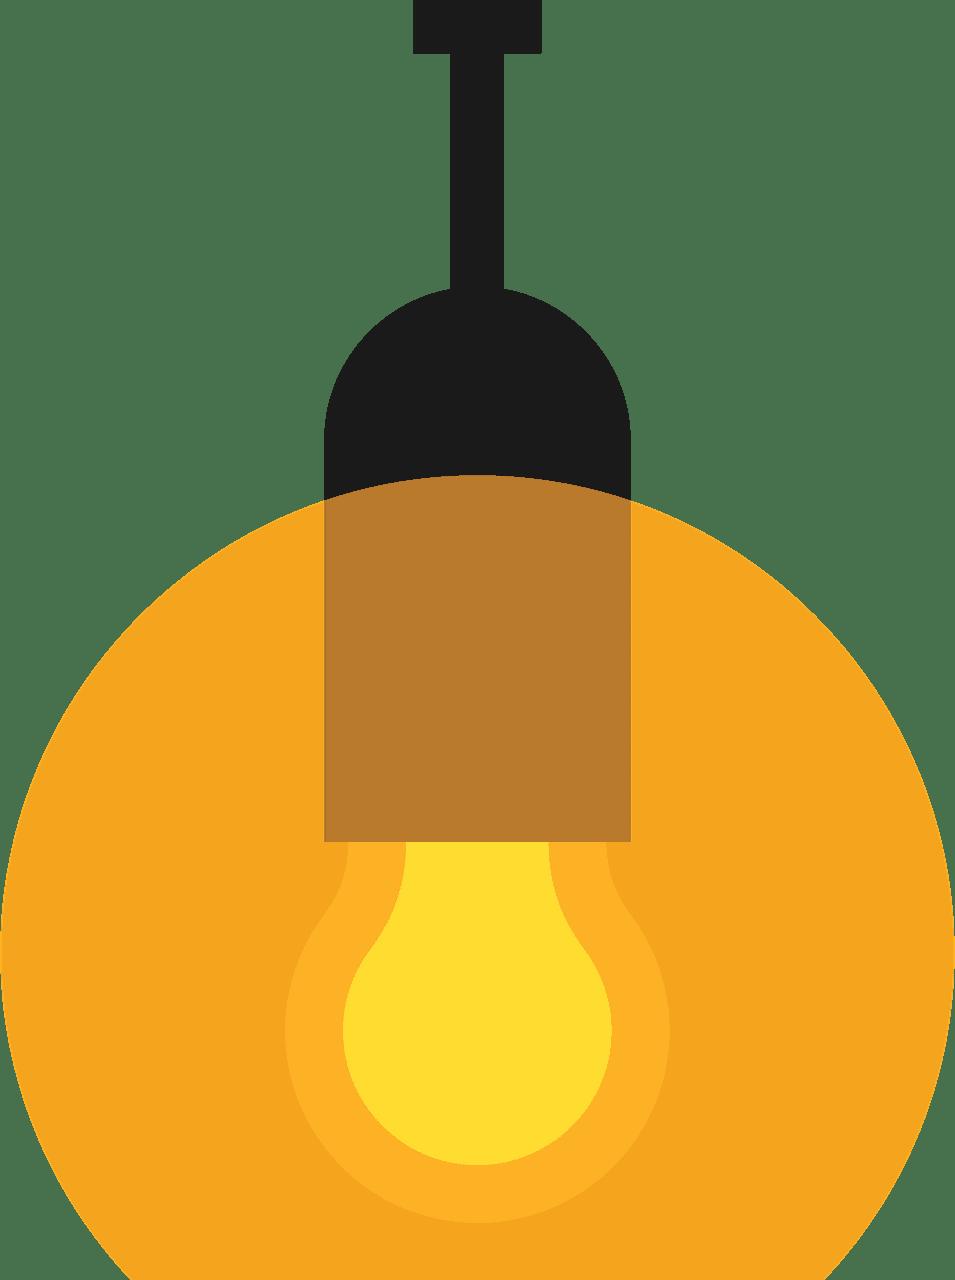 Lamp clipart transparent png